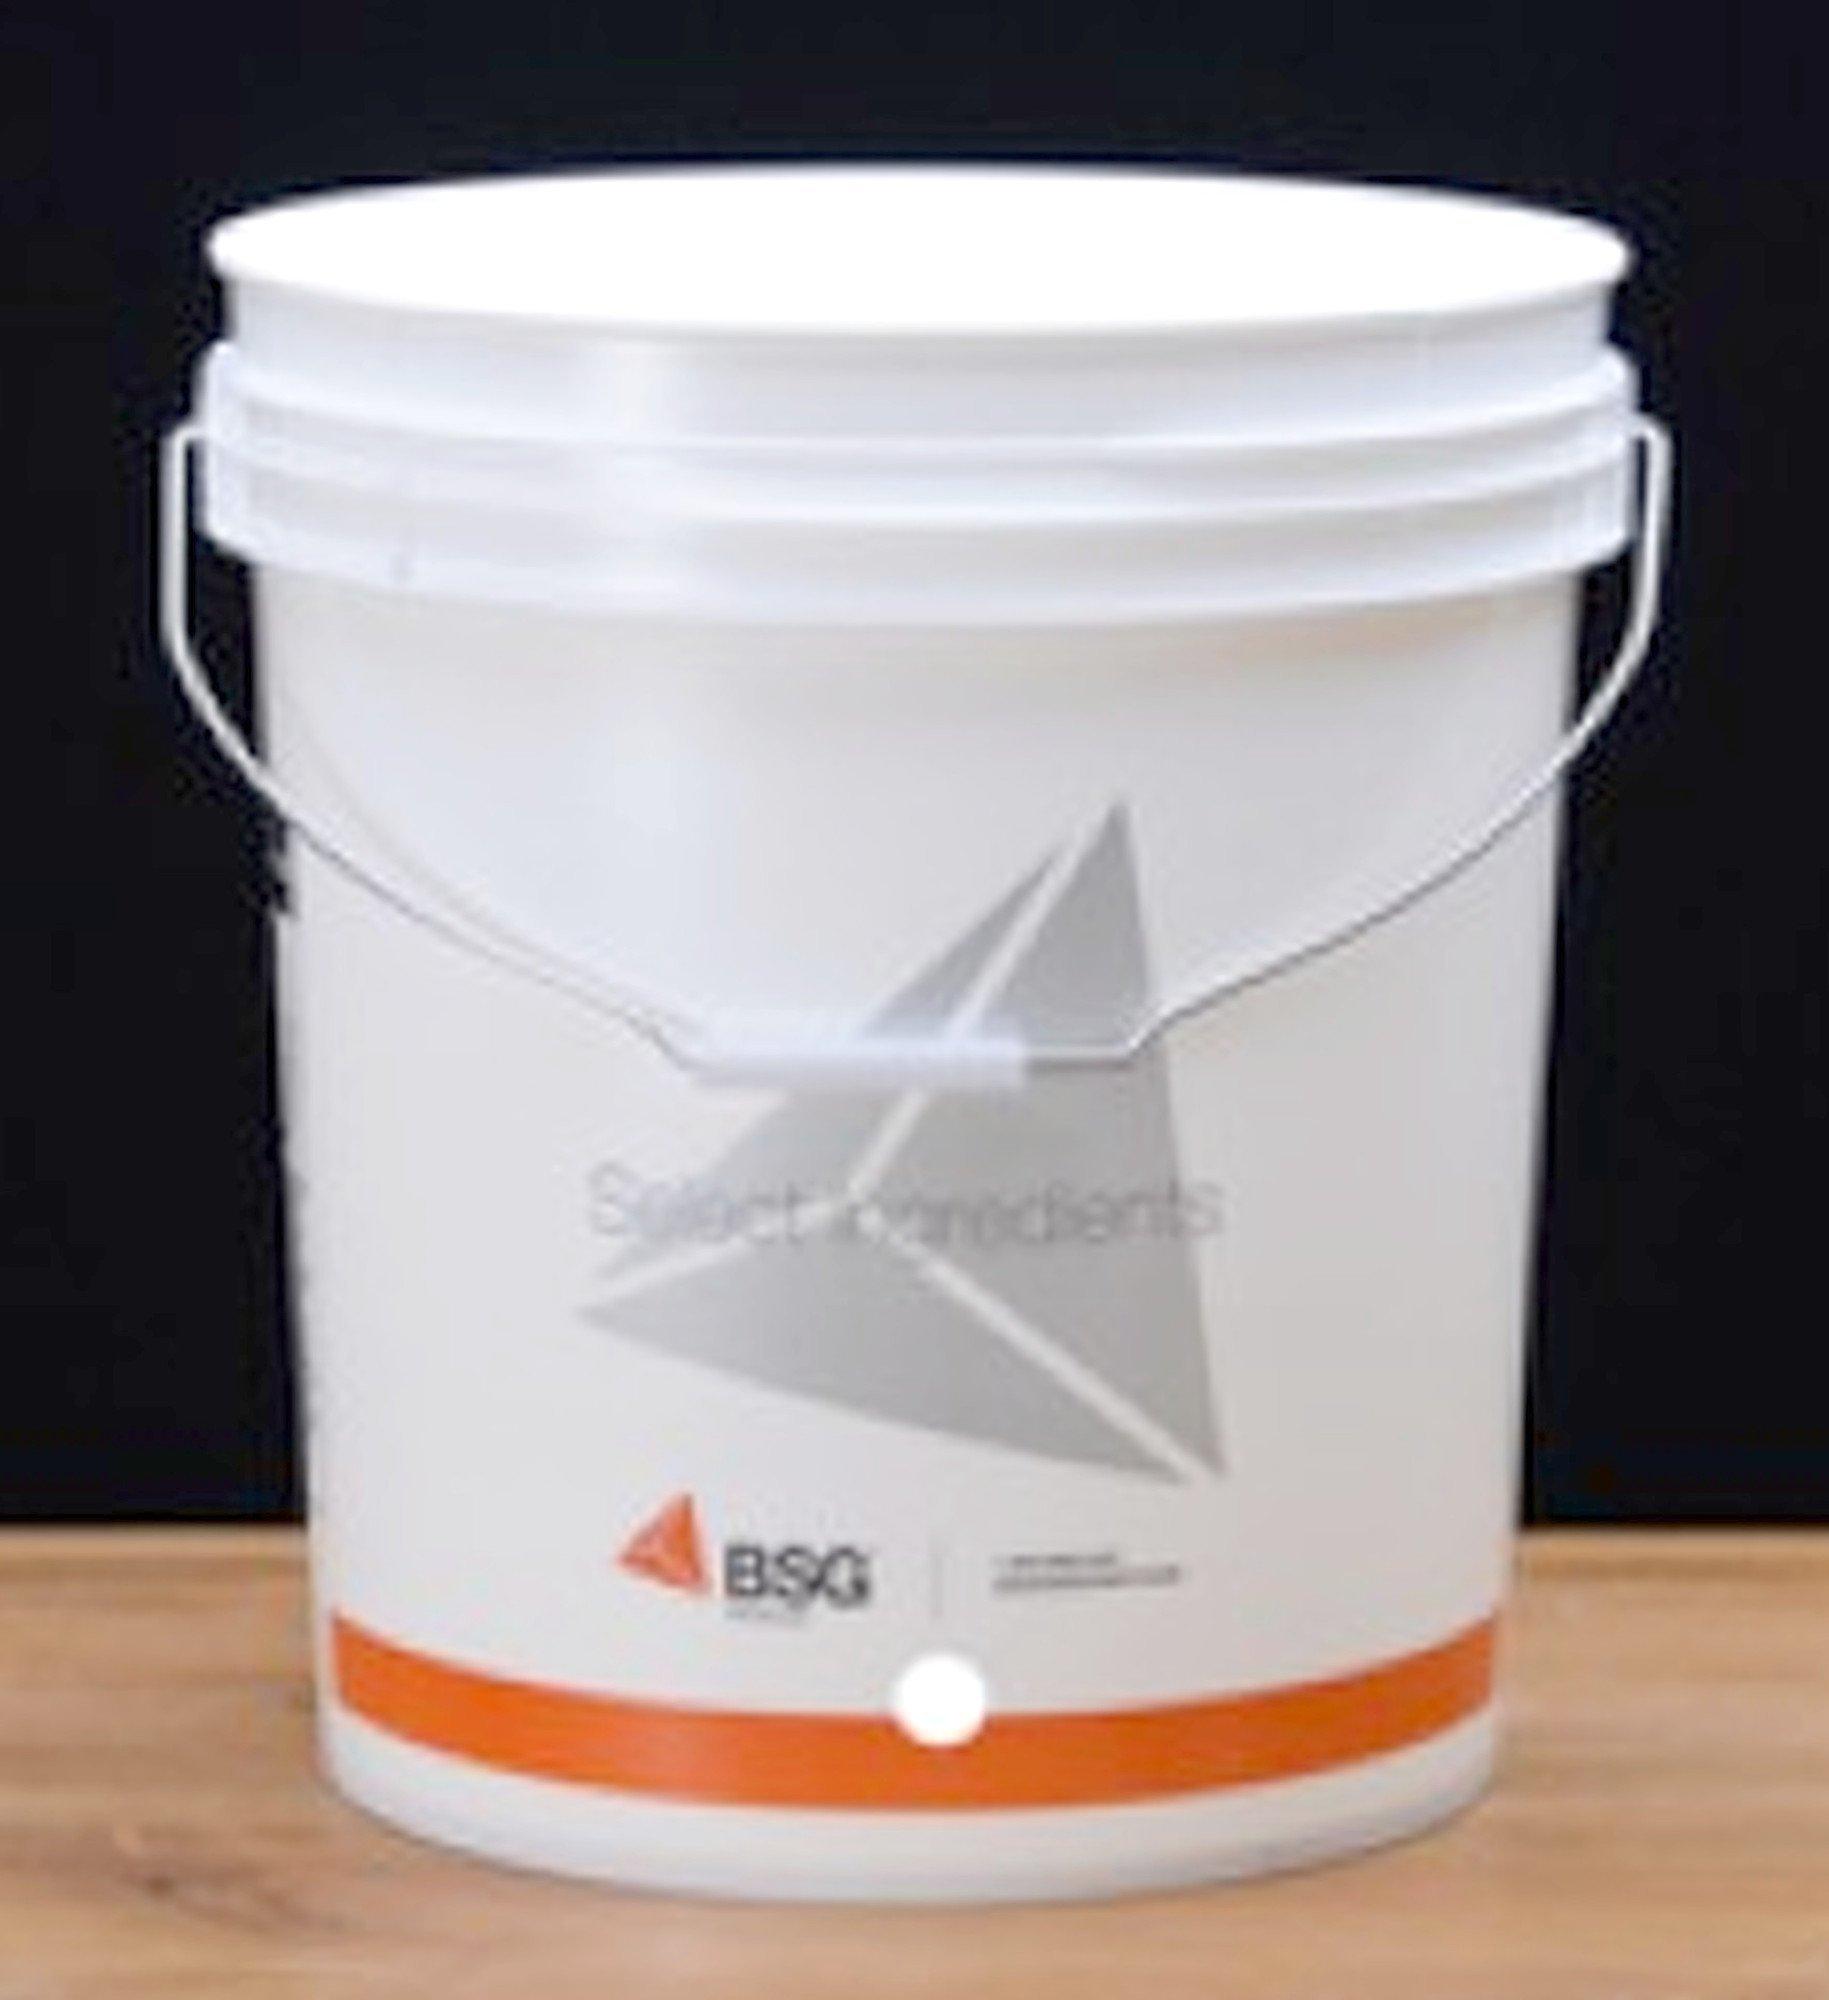 BSG HandCraft 7.8 Gallon Plastic Bottling Bucket